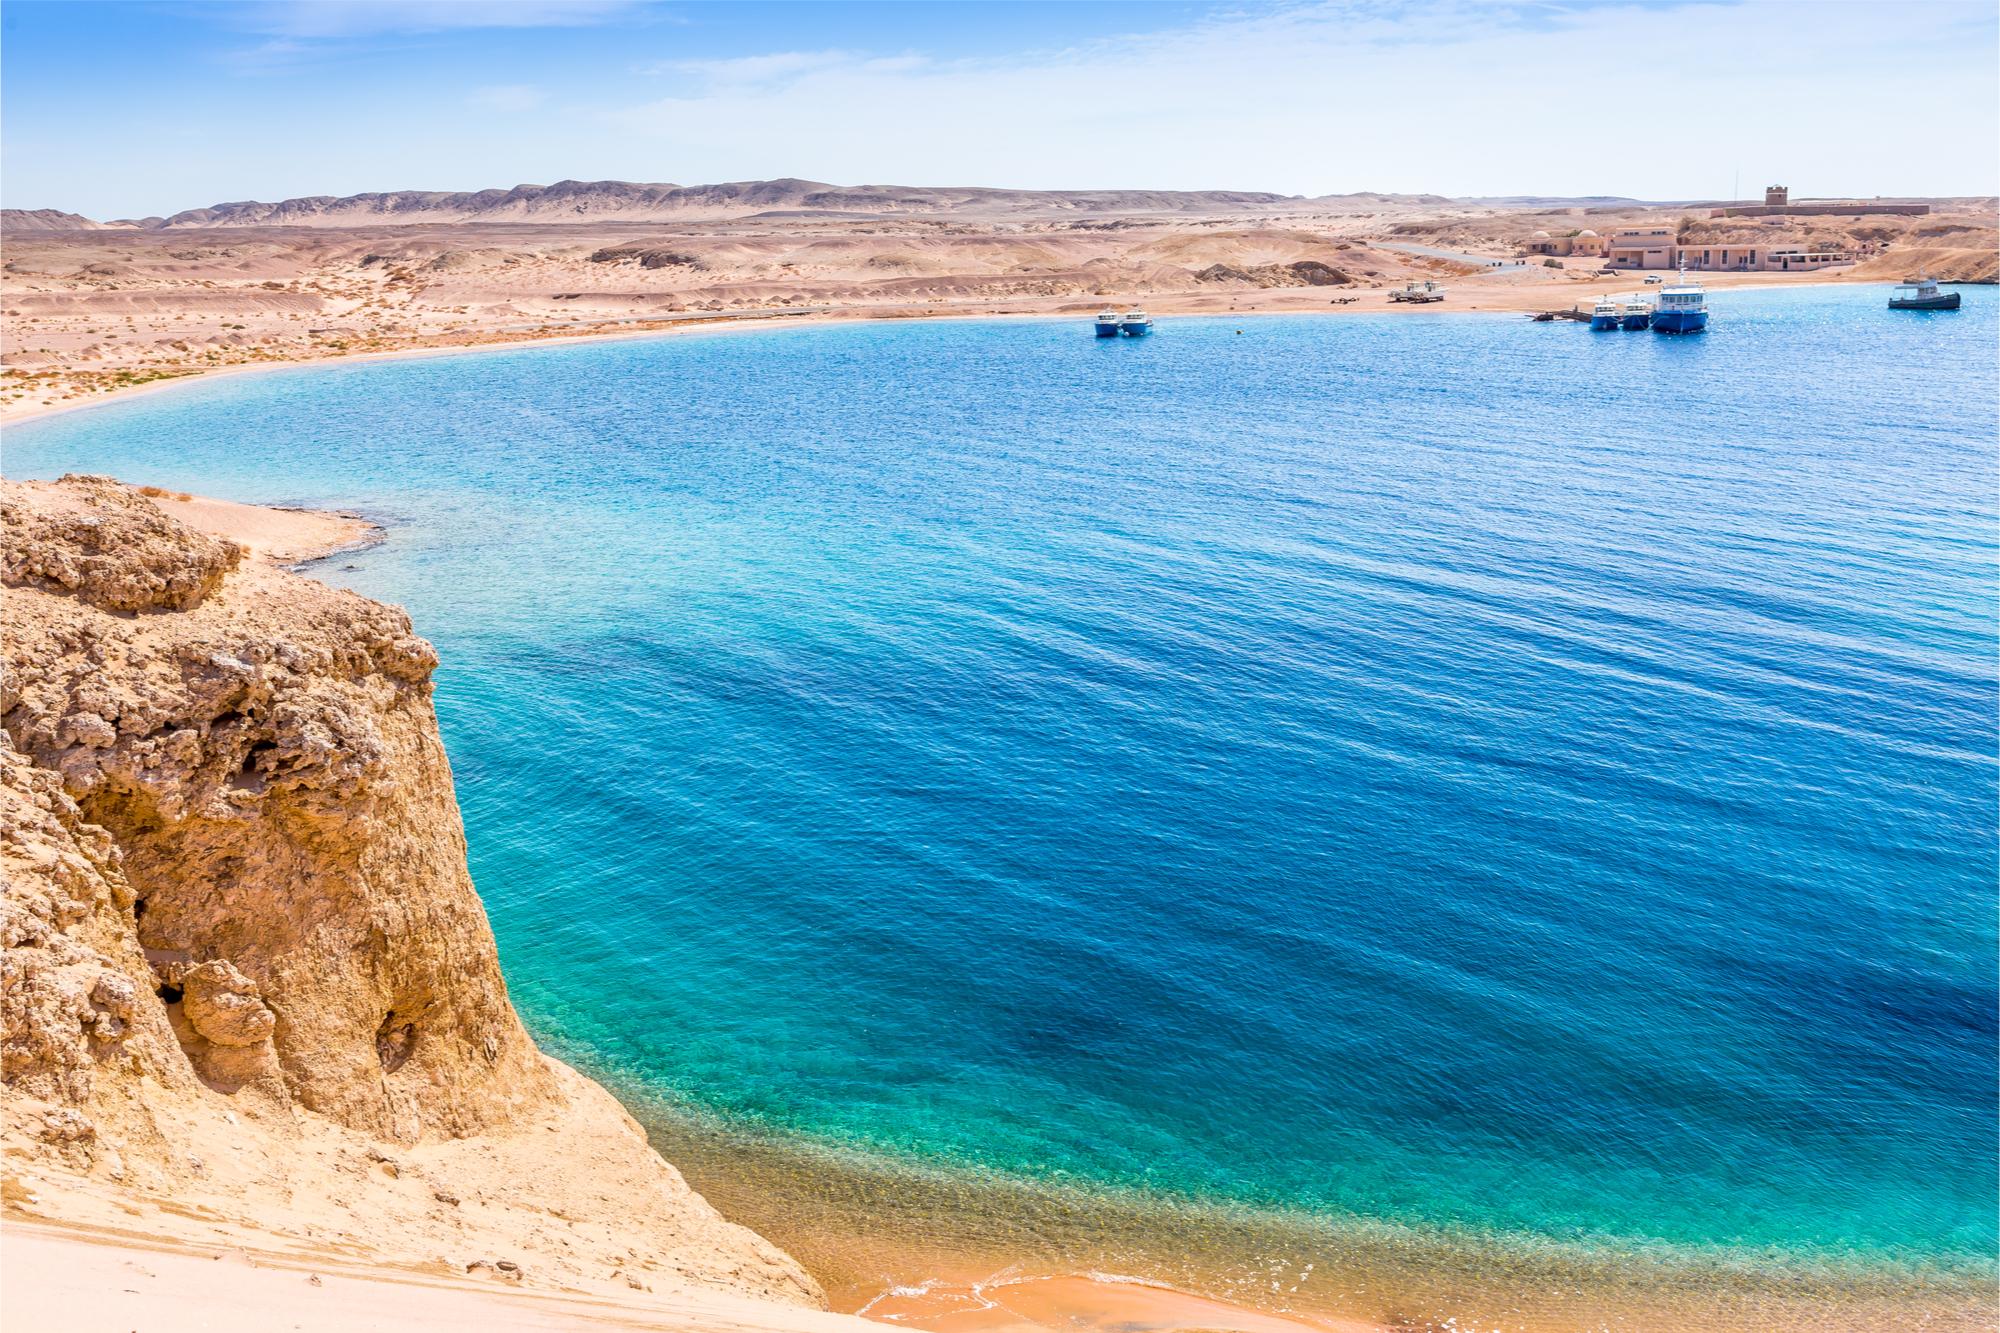 Ras Mohamed National Park in Egypt